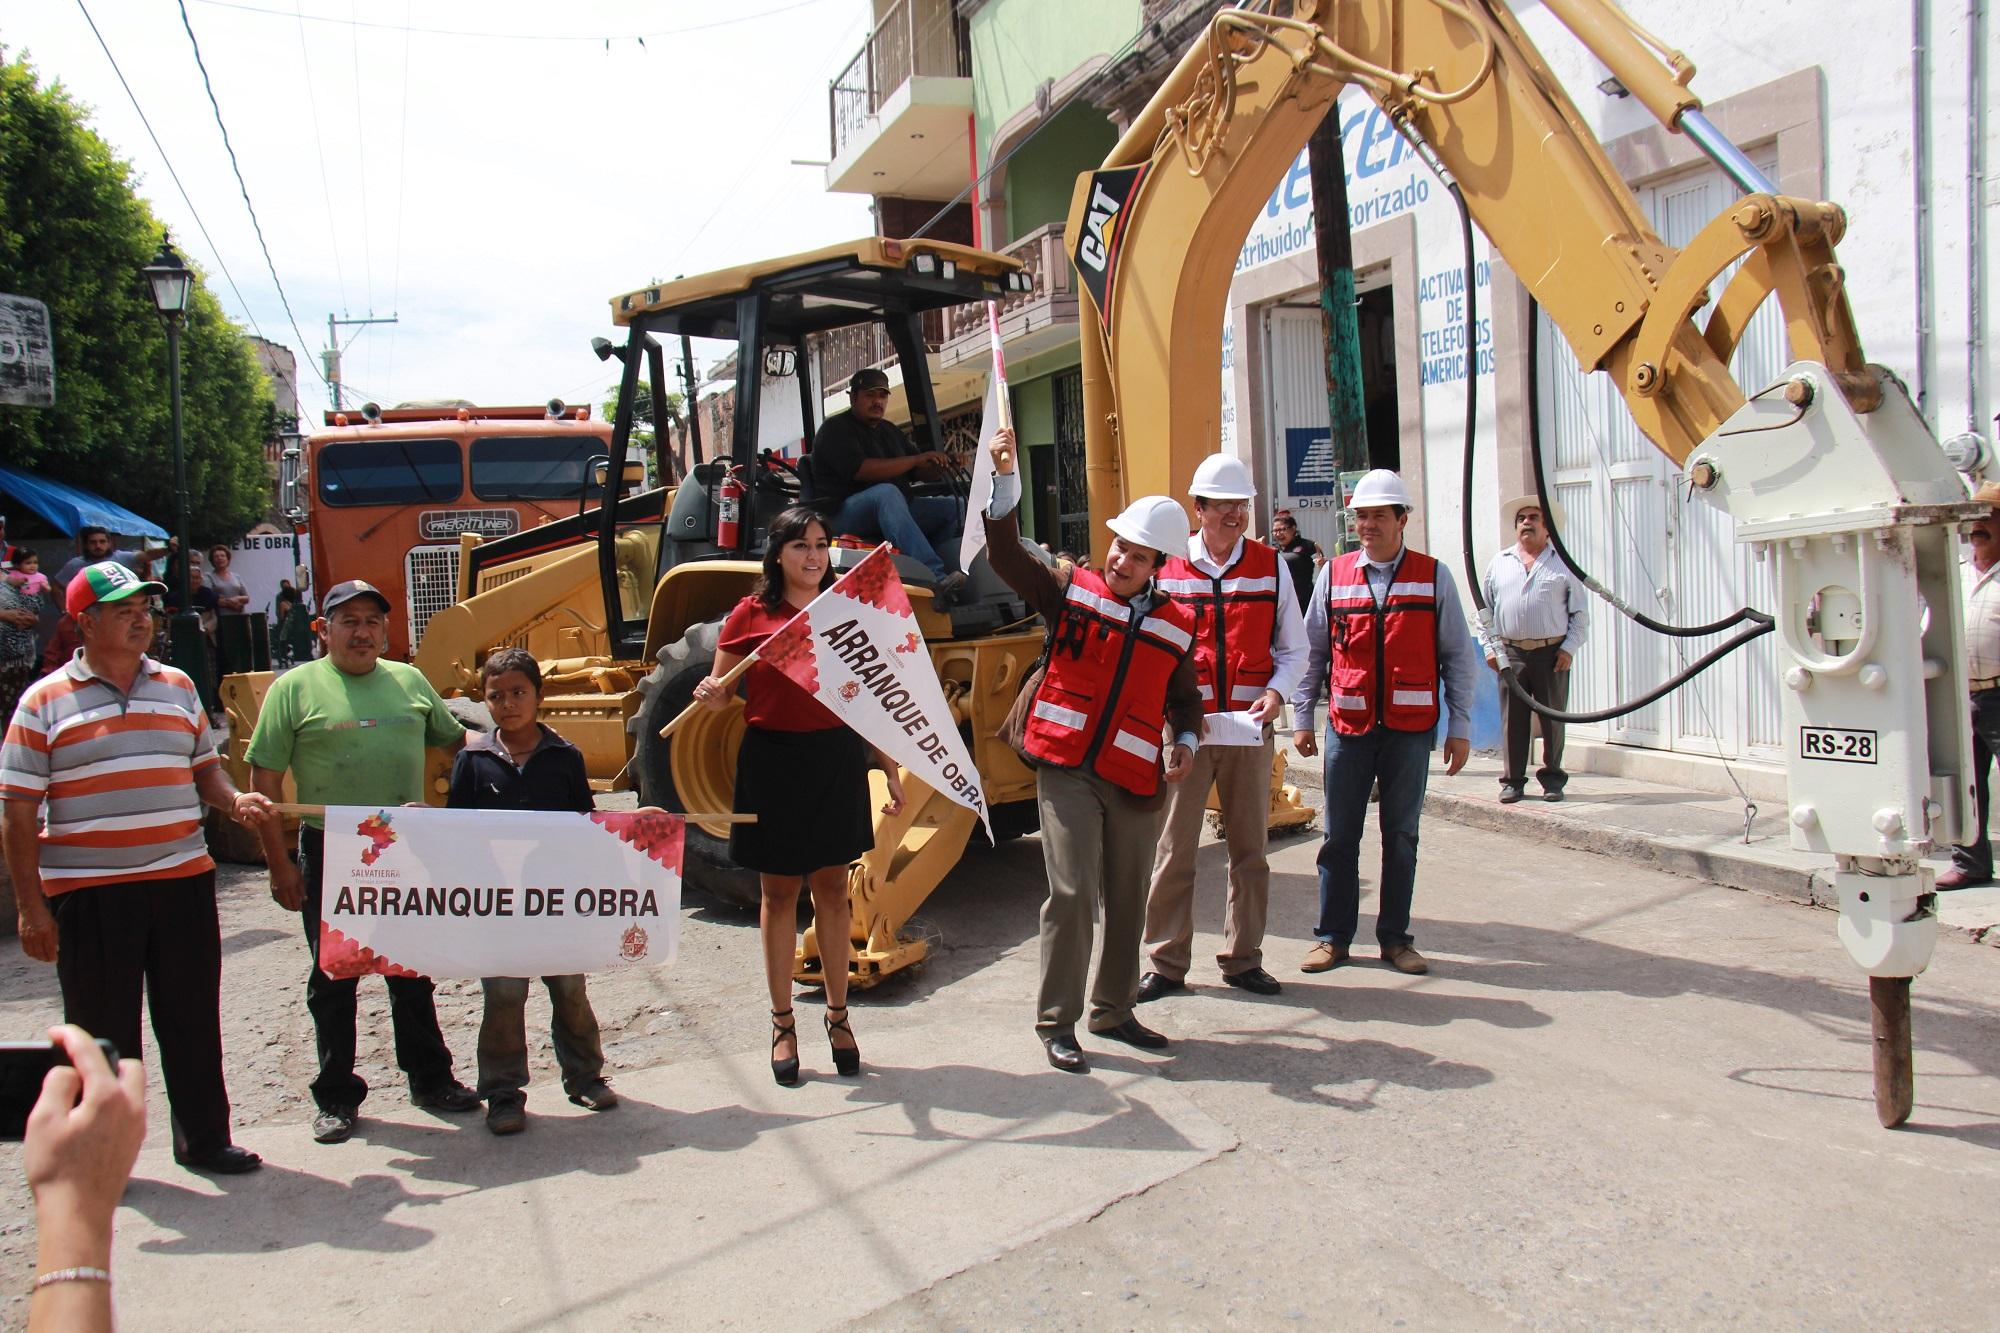 Velázquez Fernández, mencionó que esta obra pública es un compromiso más cumplido con la ciudadanía, ya que esto ayudara a dará una mejor imagen urbana al Sabino así como a mejorar la calidad de vida.